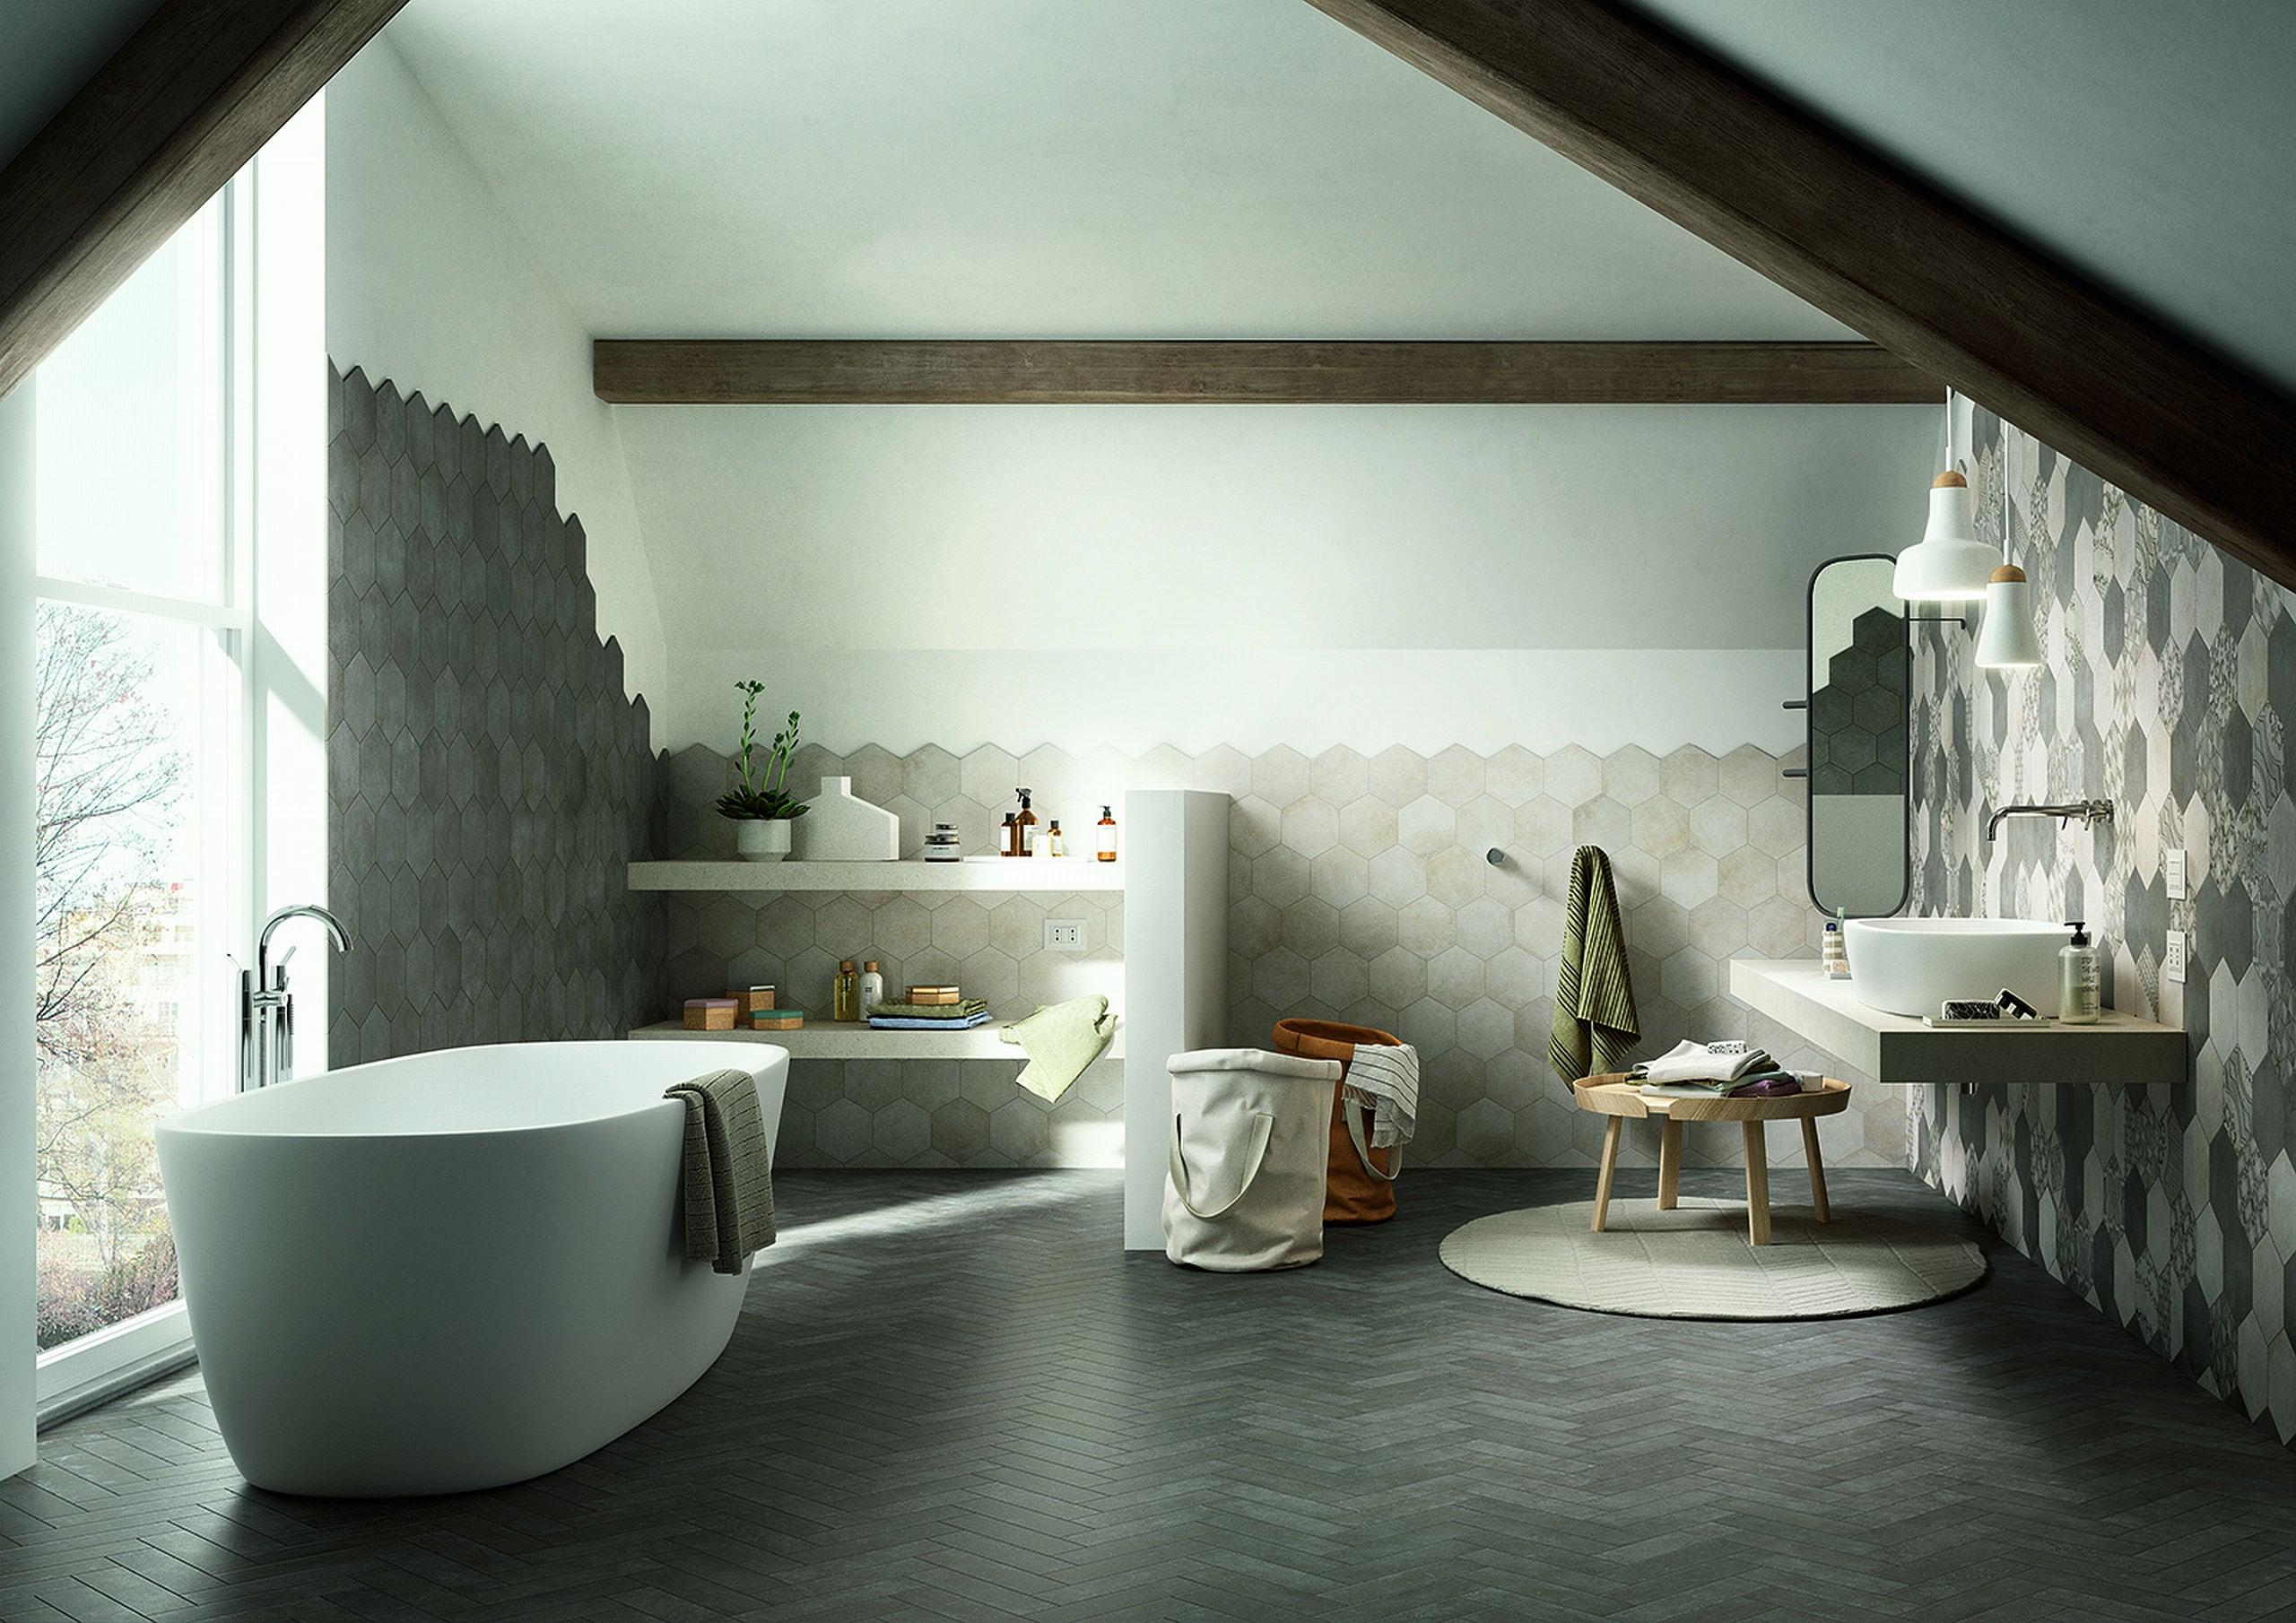 Design Bagno 2015 : Speciale bagno 2015 u2013 interni magazine